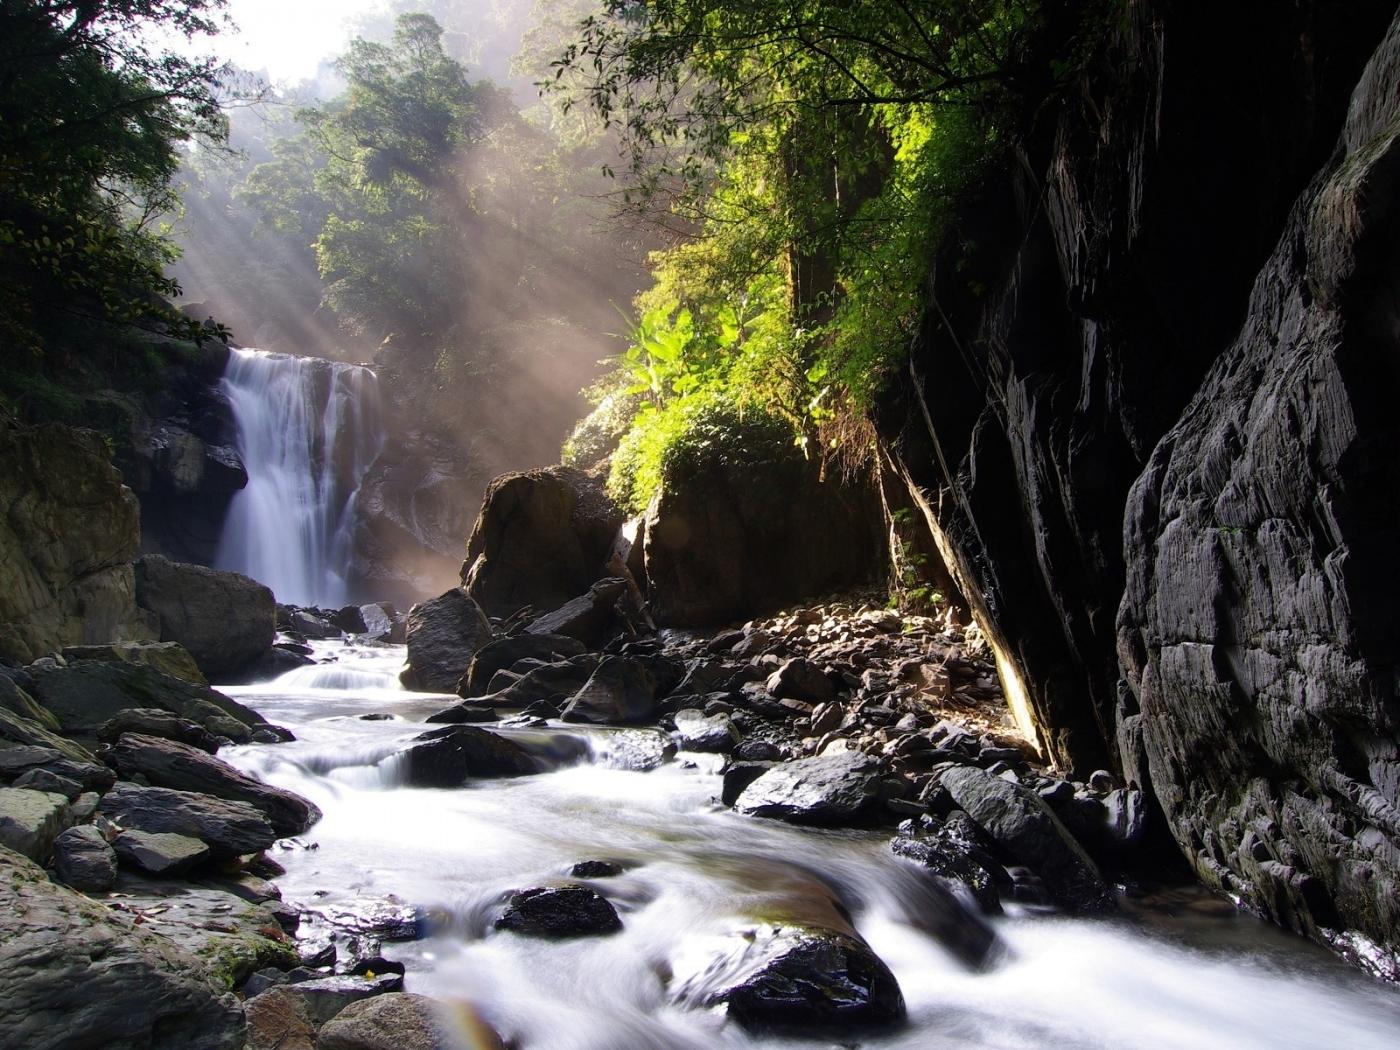 49192 скачать обои Пейзаж, Природа, Водопады - заставки и картинки бесплатно